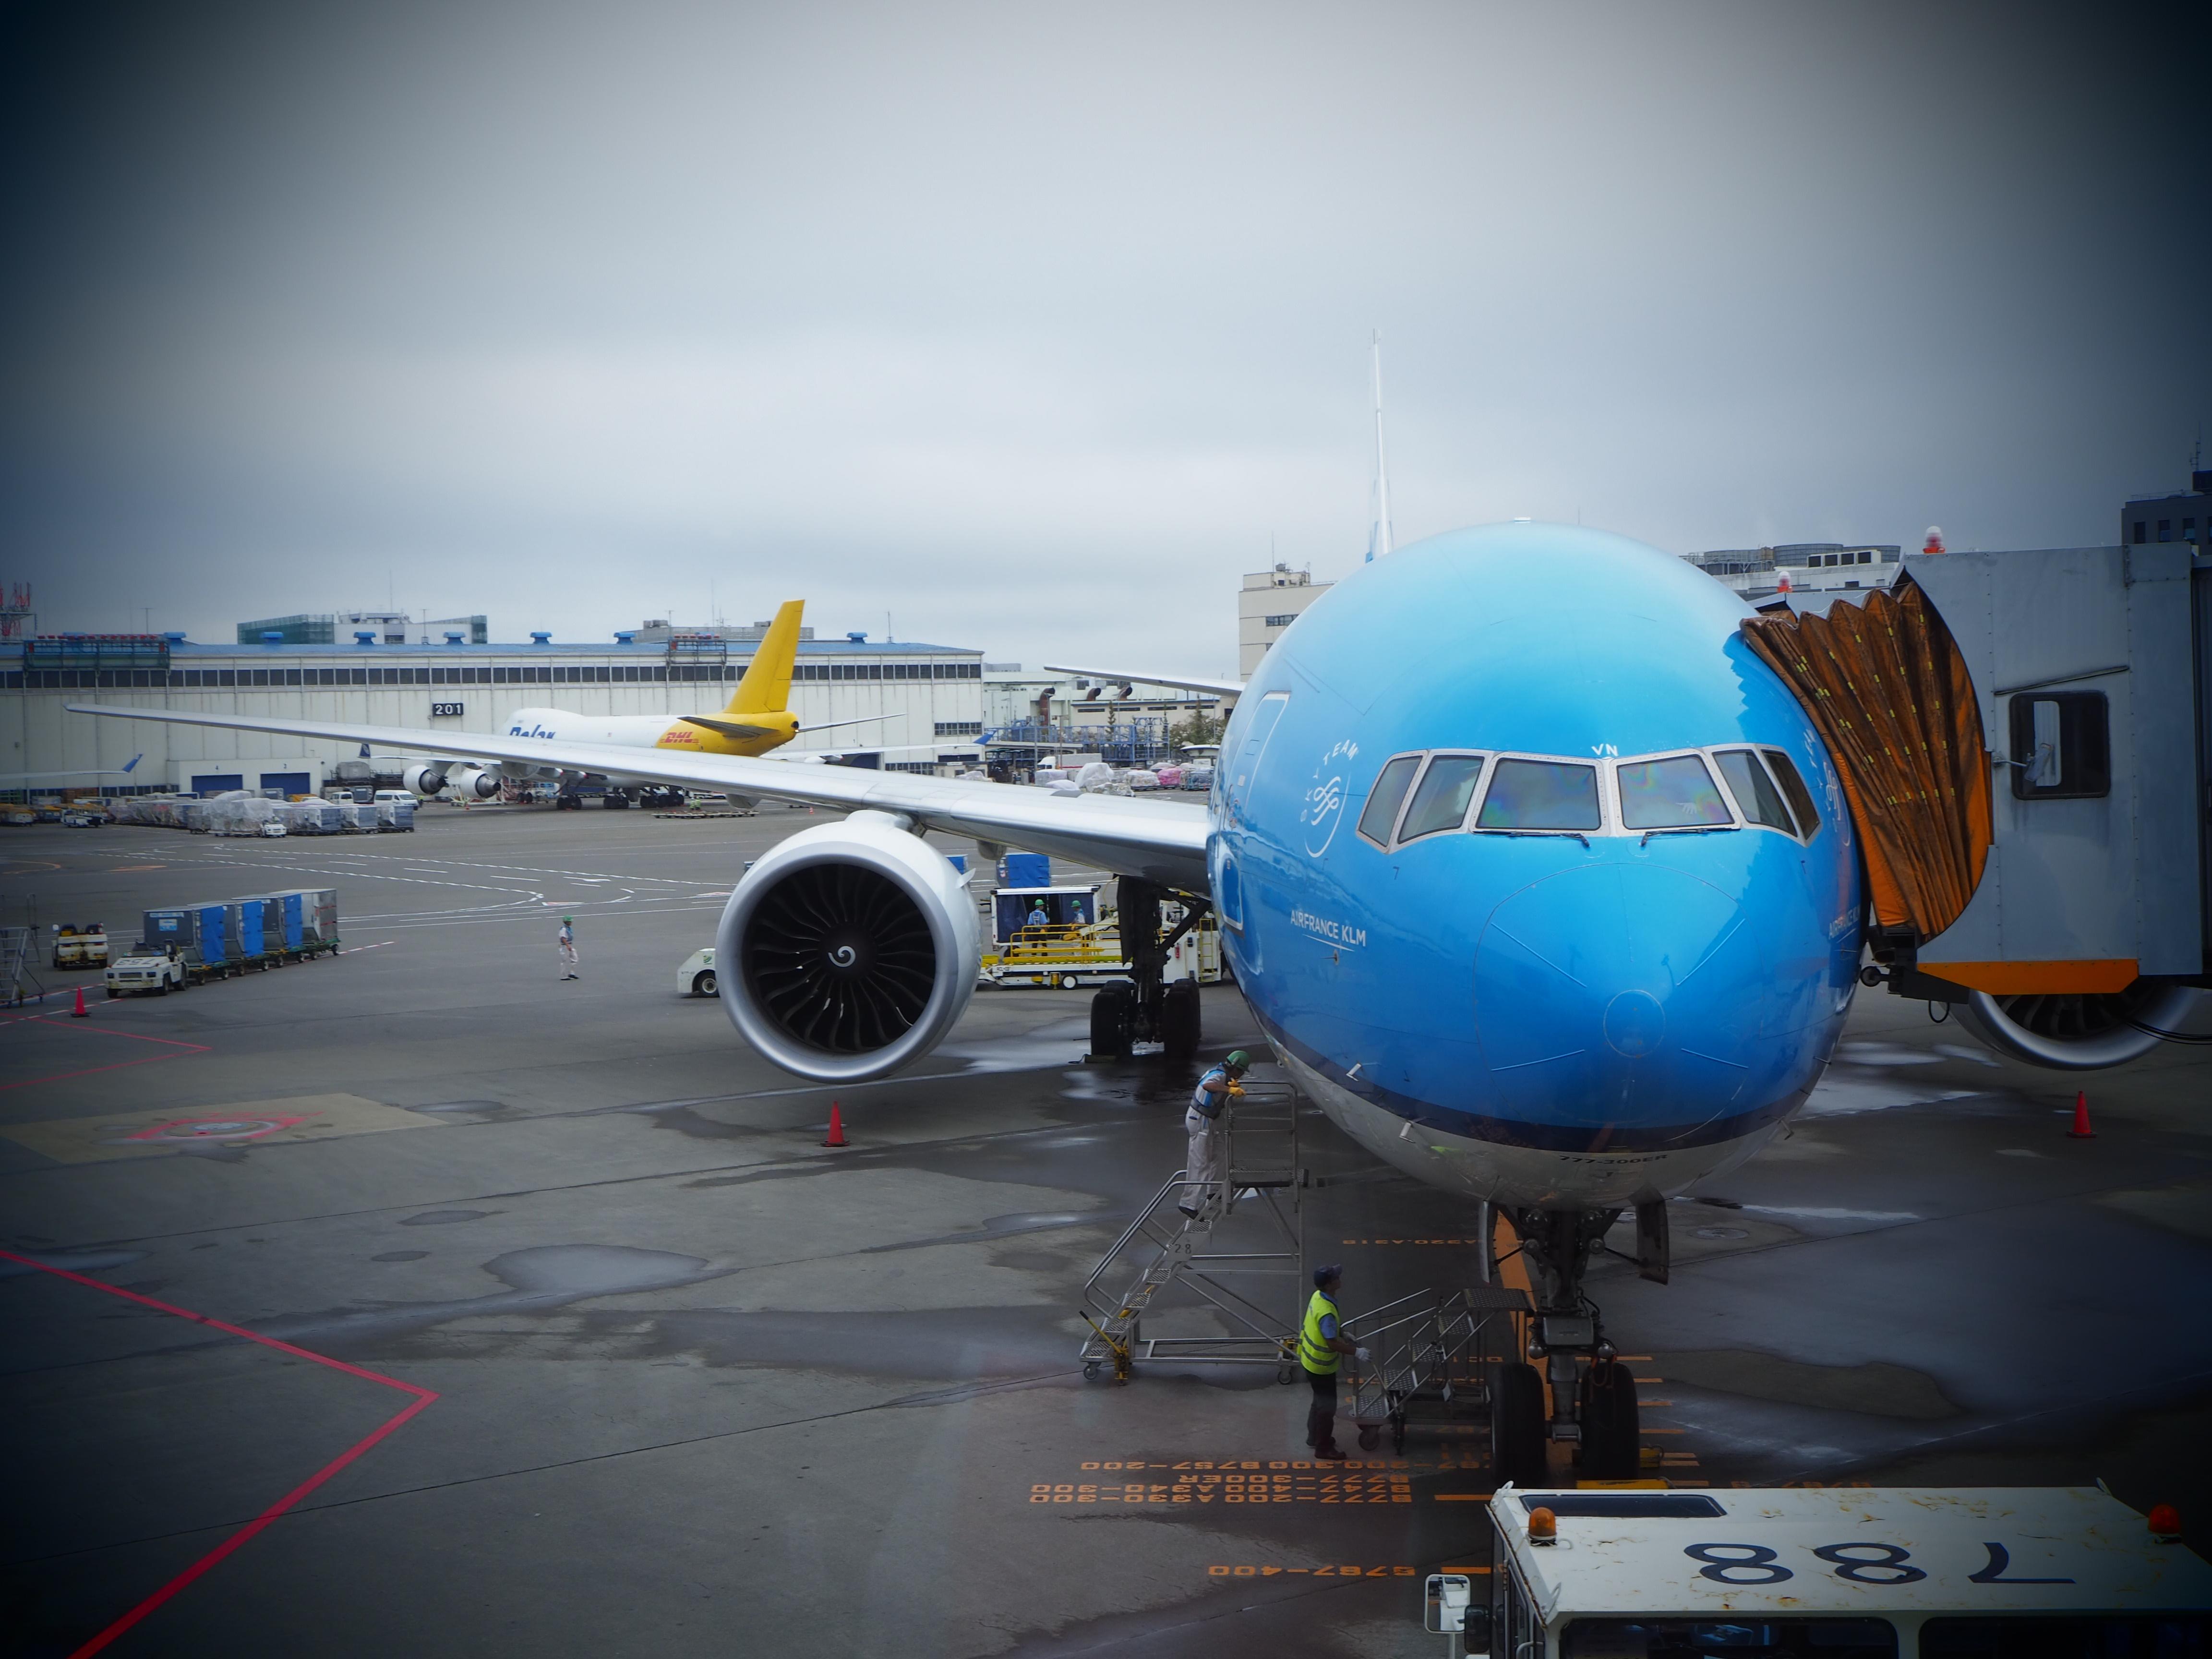 【オランダ女子旅】ブルーが眩しいKLMに乗って、いざオランダへ